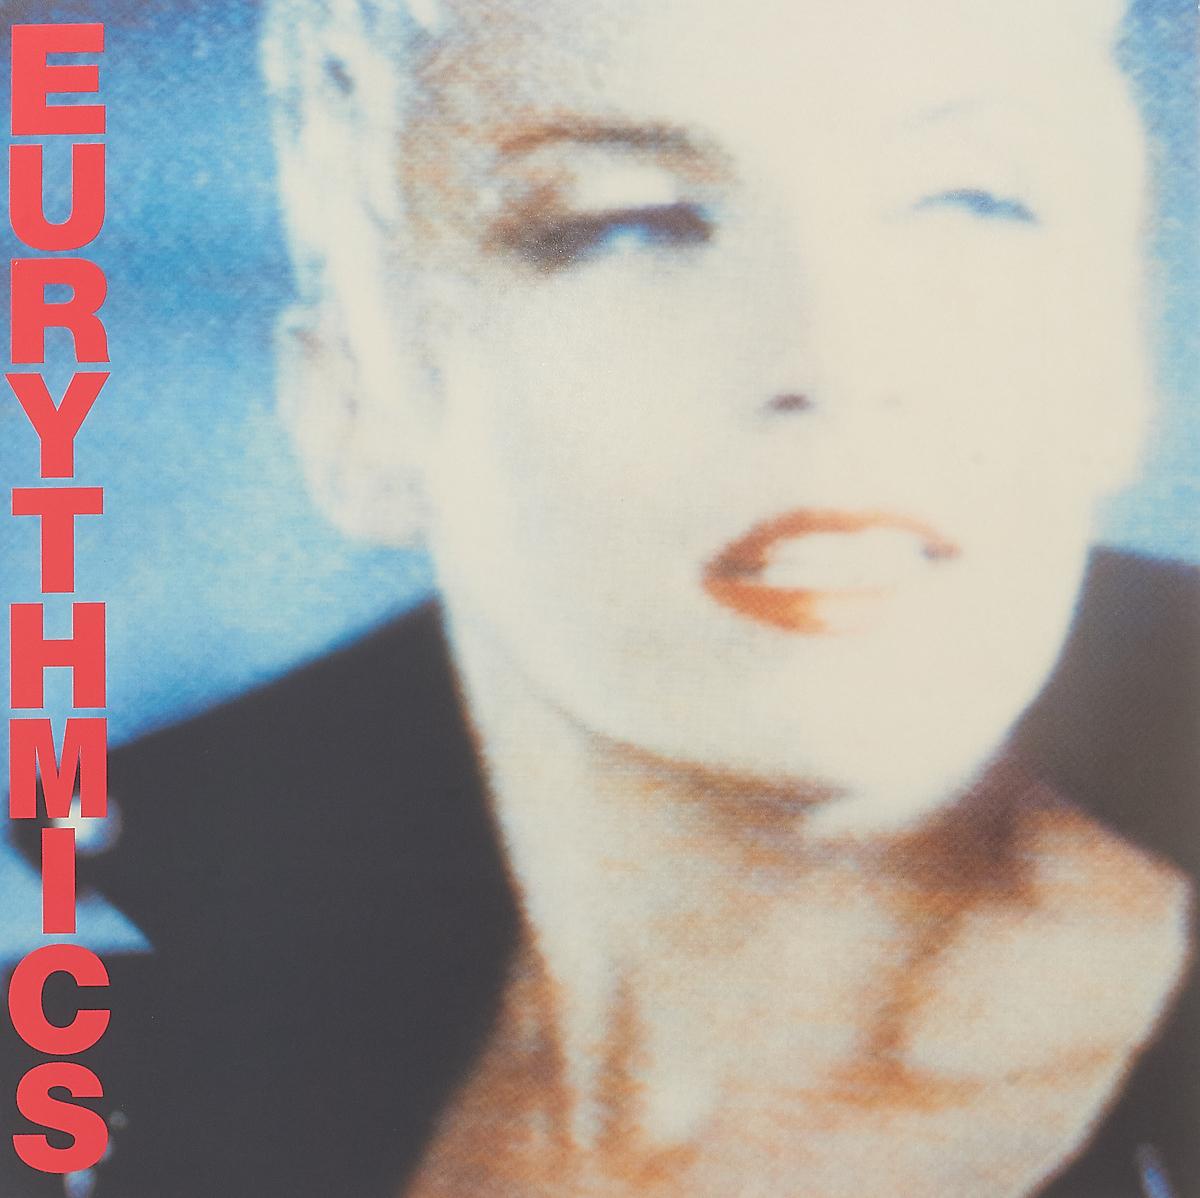 Eurythmics Eurythmics. Be Yourself Tonight (LP) виниловая пластинка eurythmics be yourself tonight